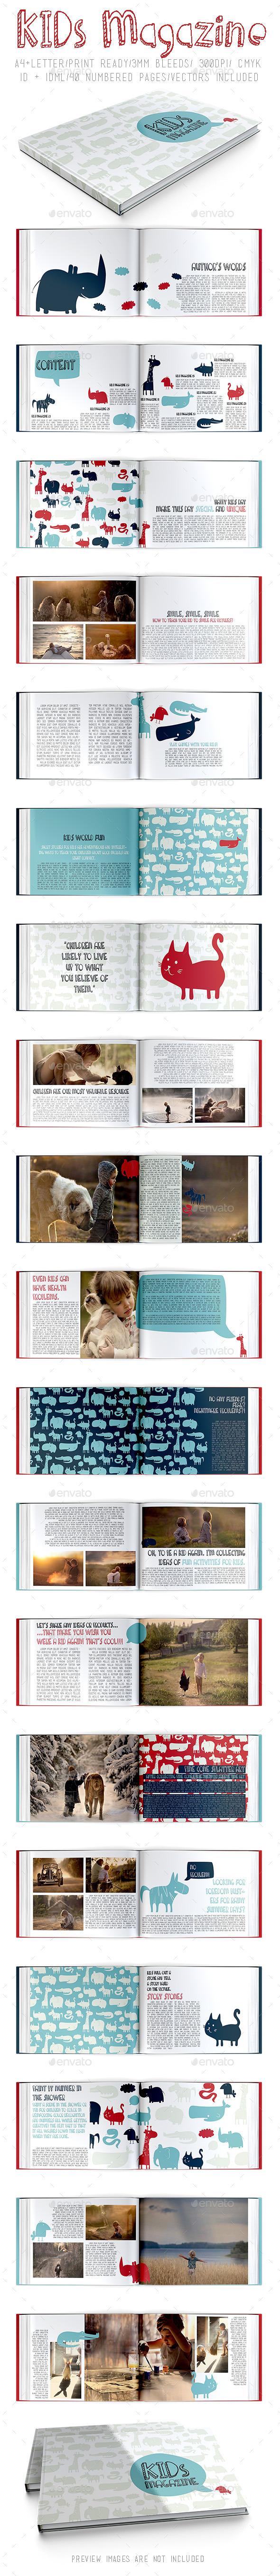 GraphicRiver Kids Magazine 9054286